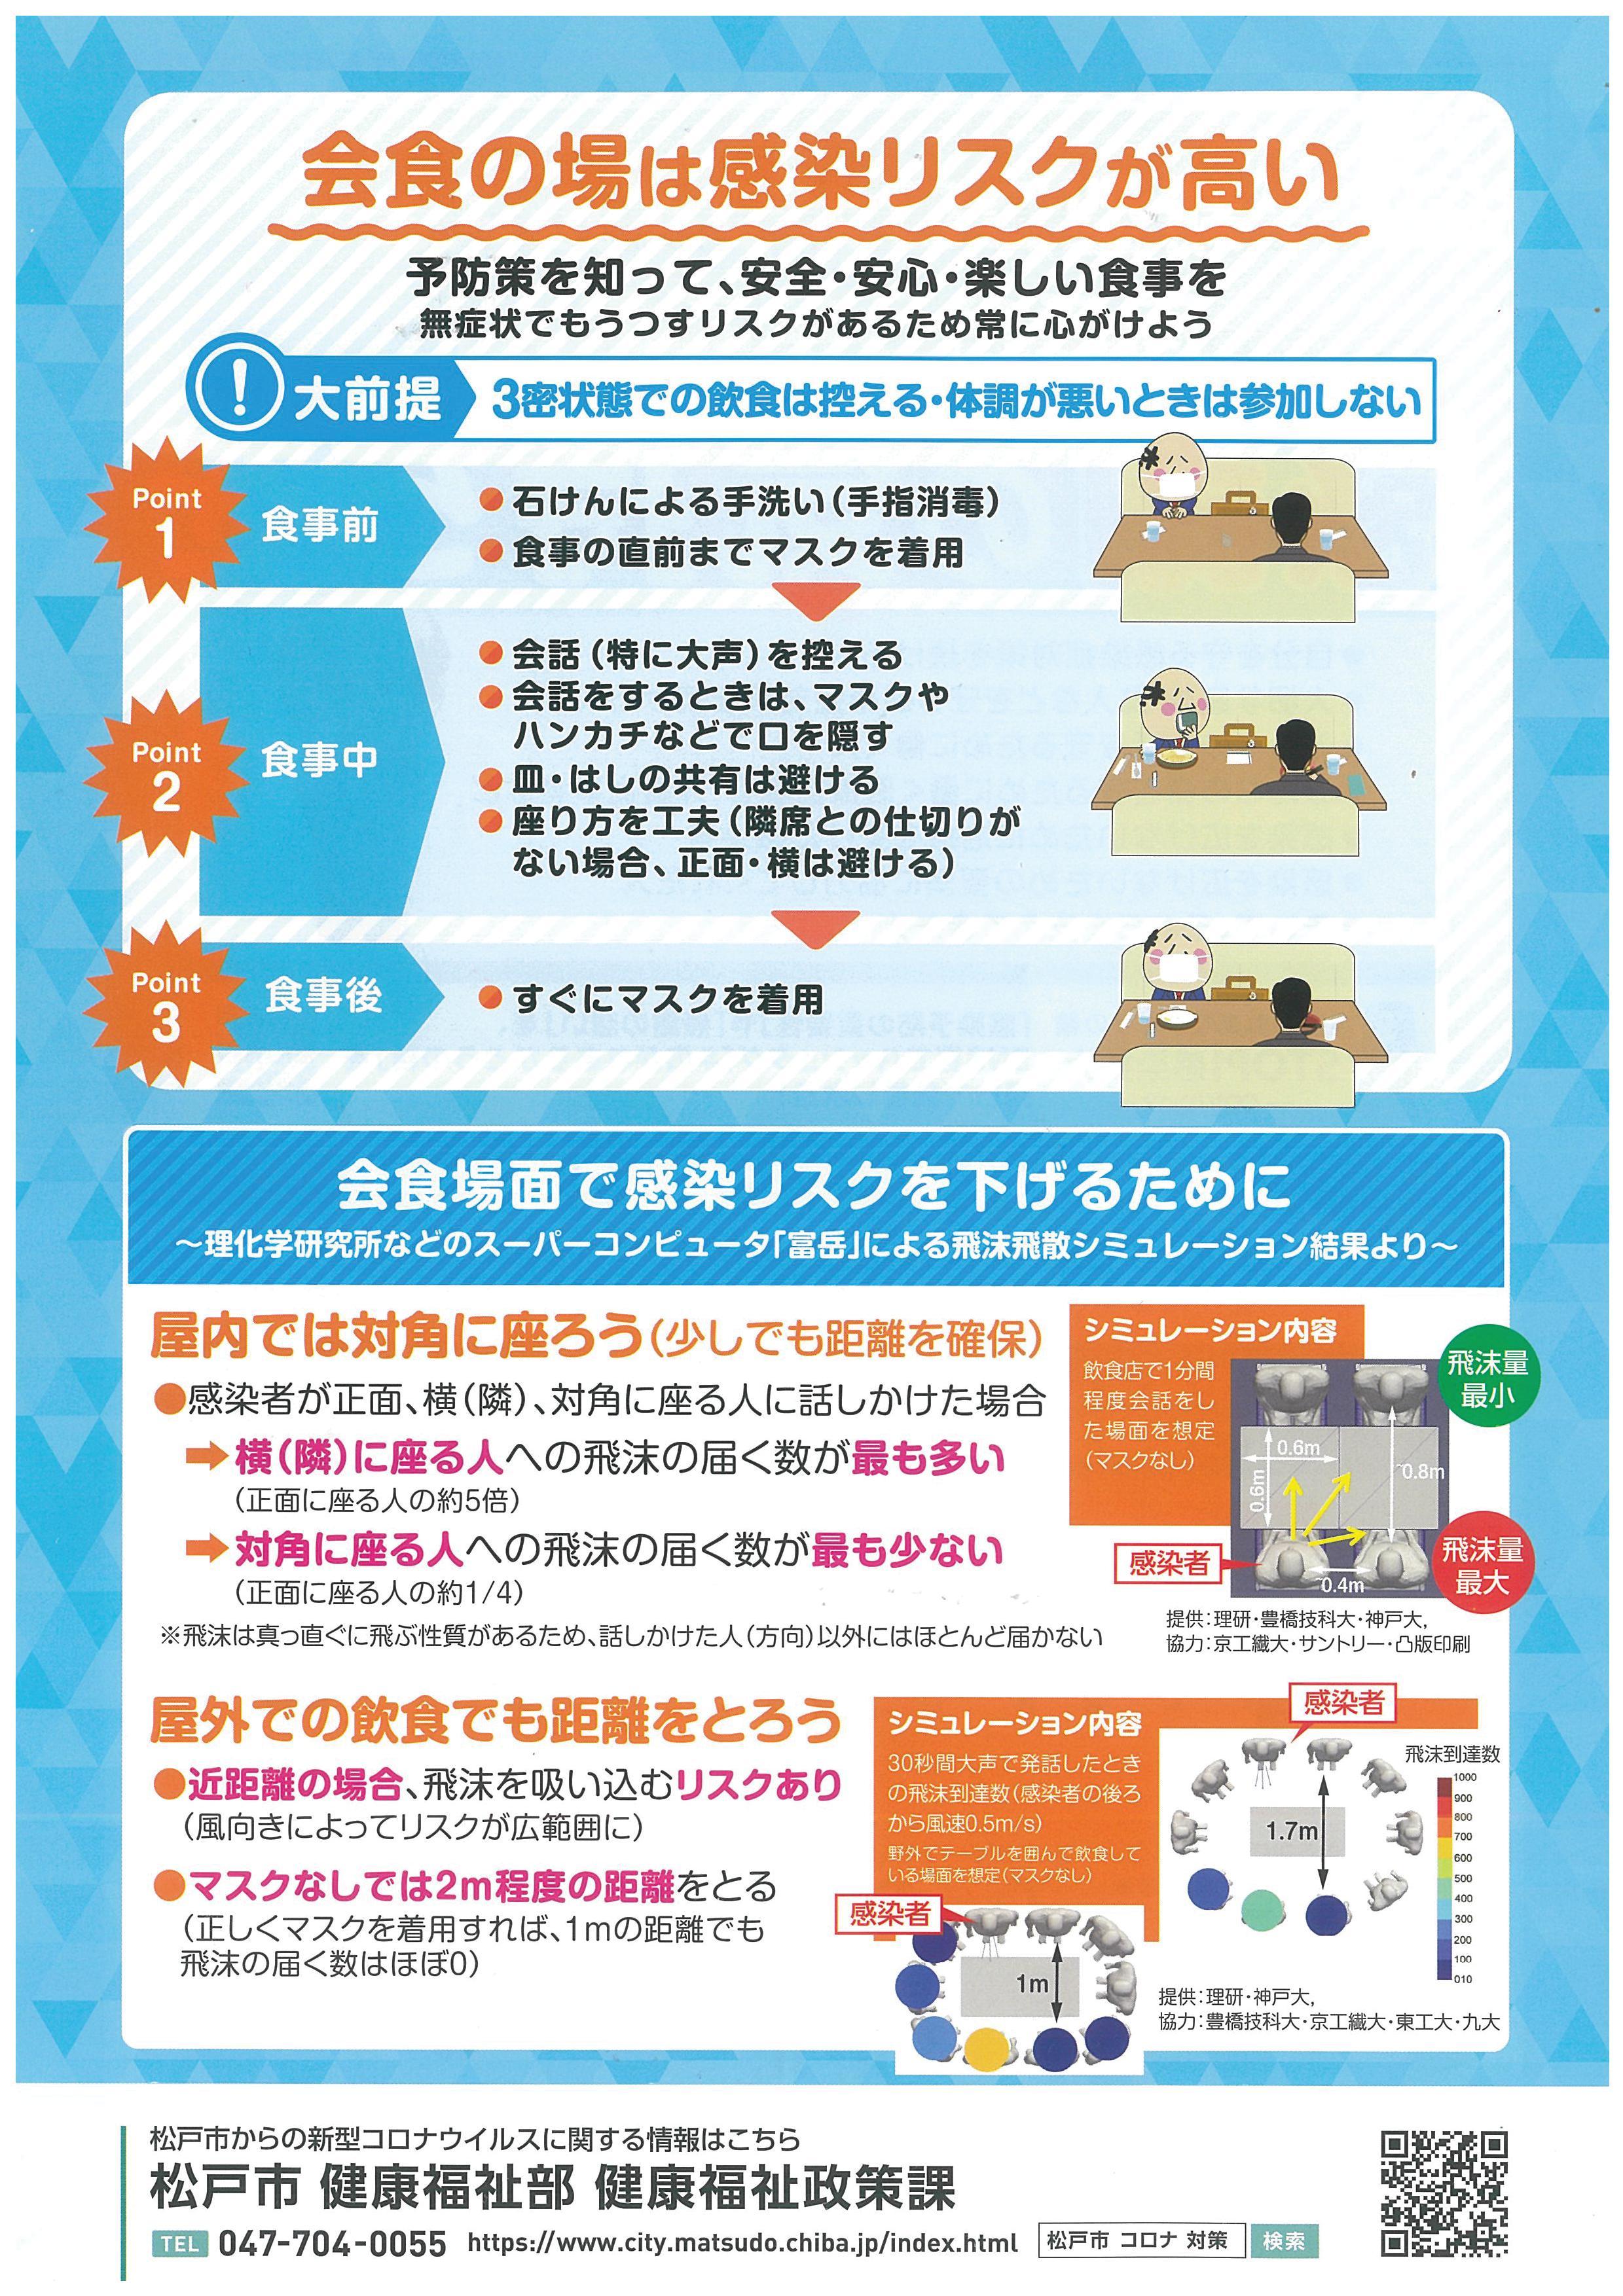 新型コロナウイルス感染予防啓発チラシ周知業務